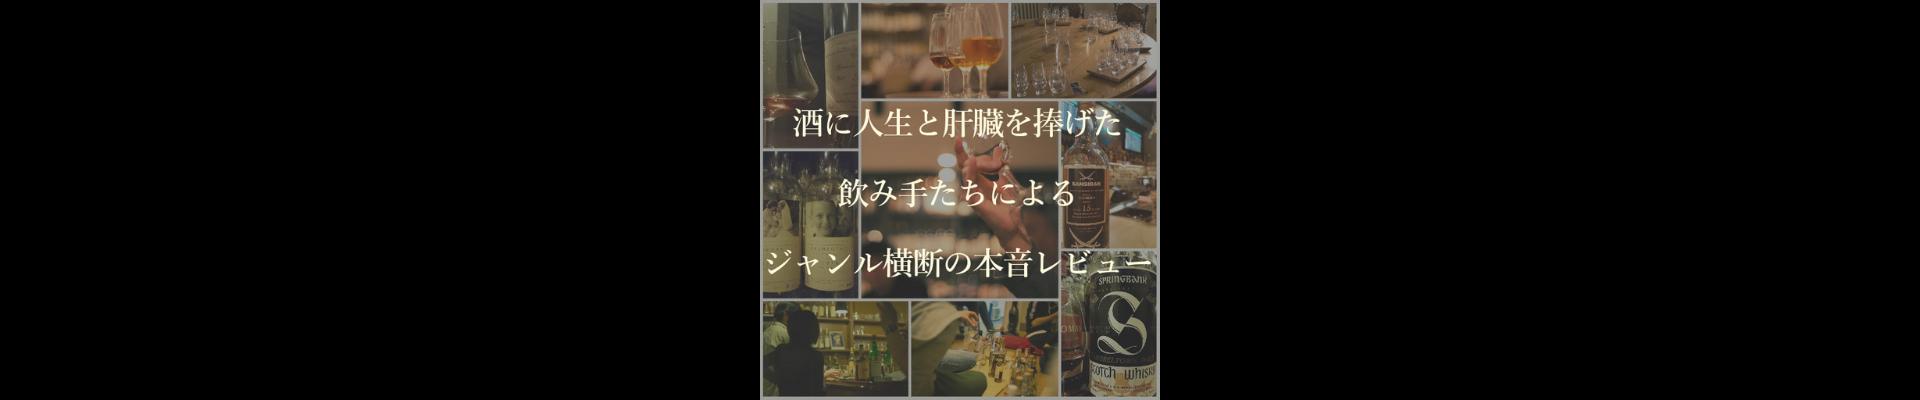 Tasters.jp